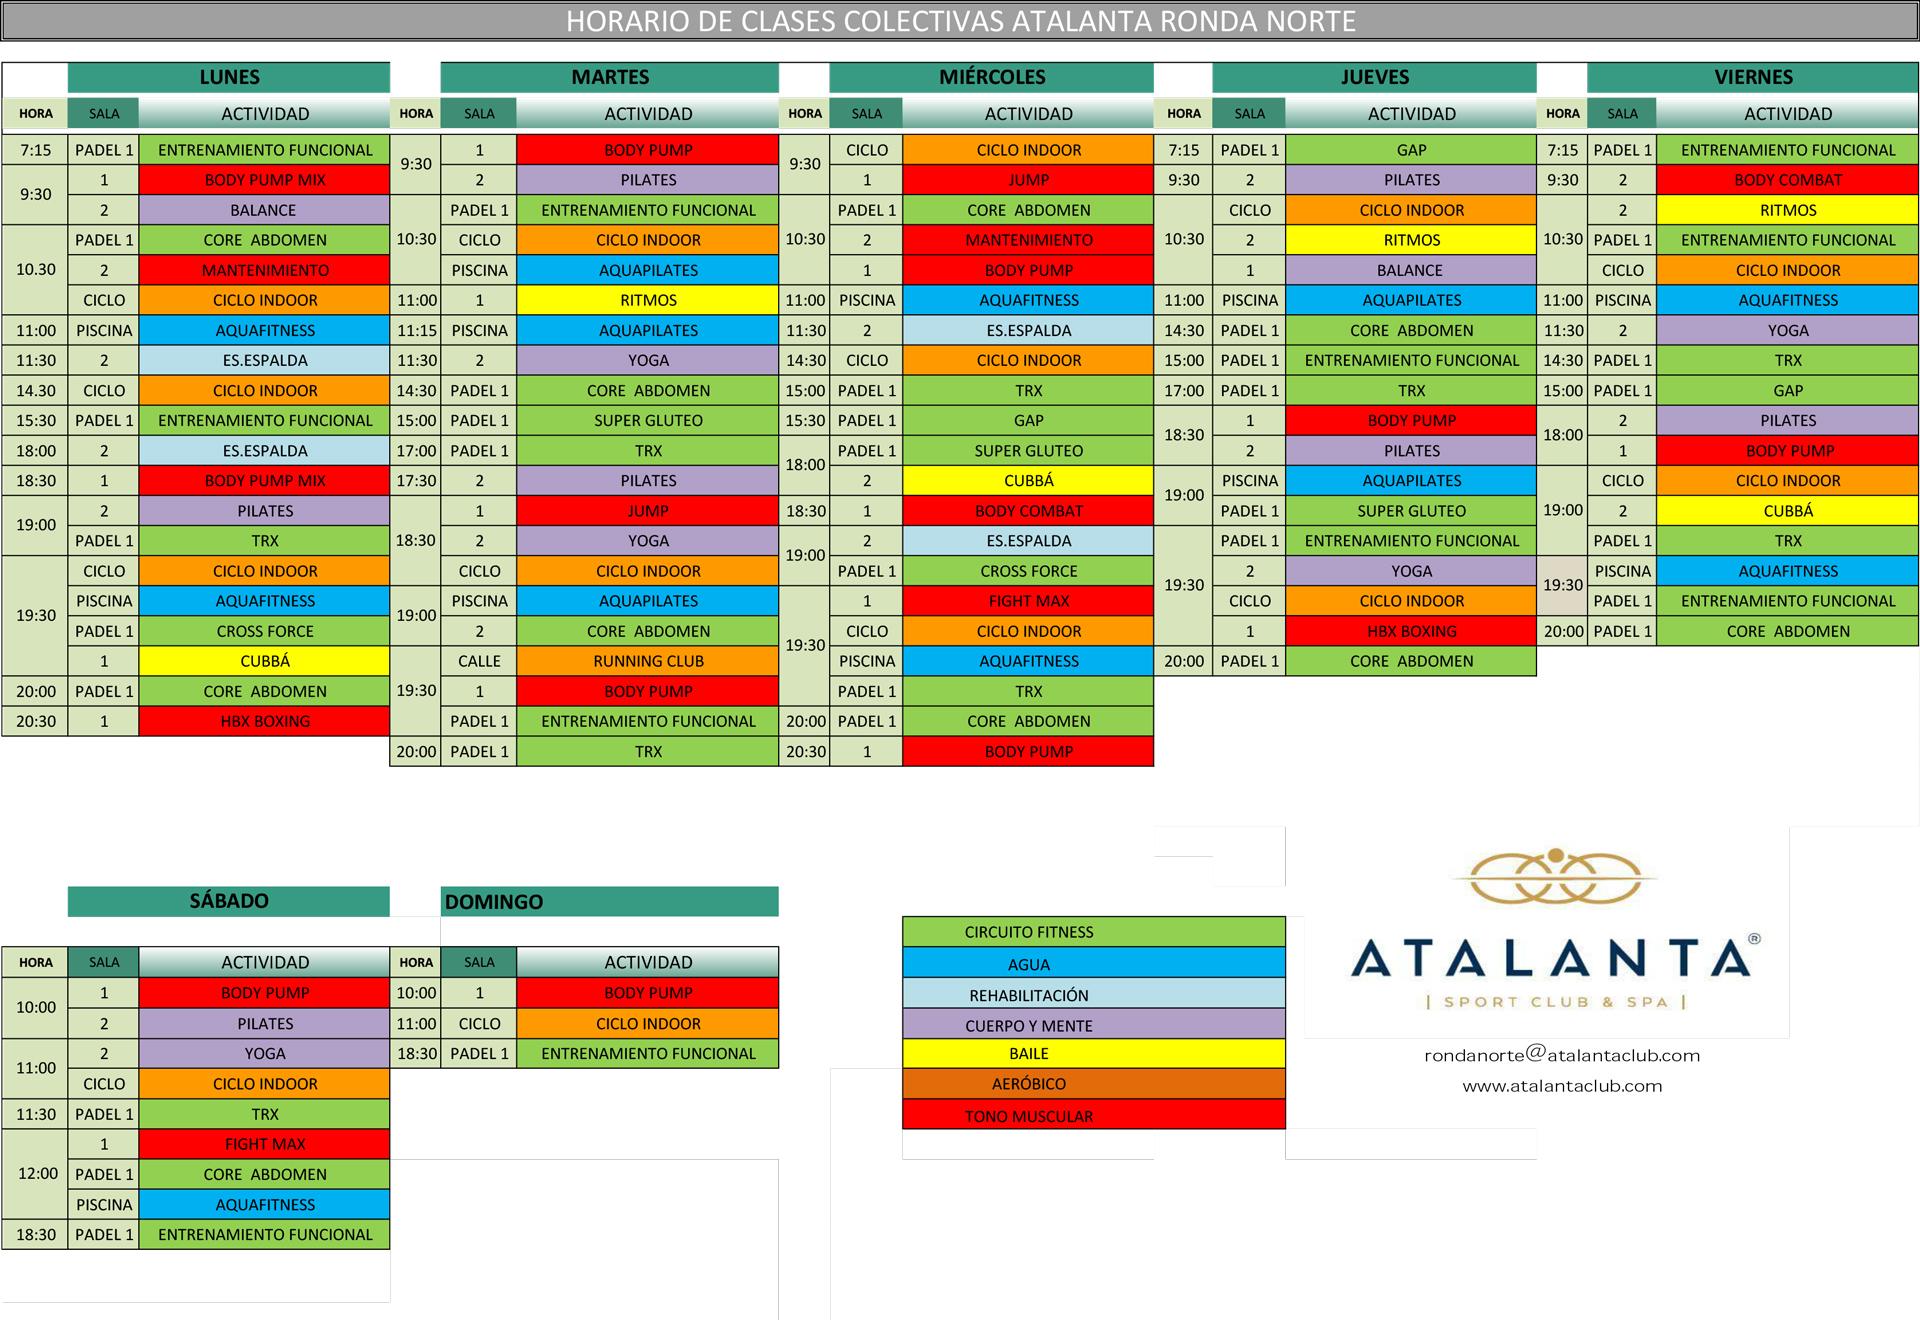 horario-atalanta-ronda-norte